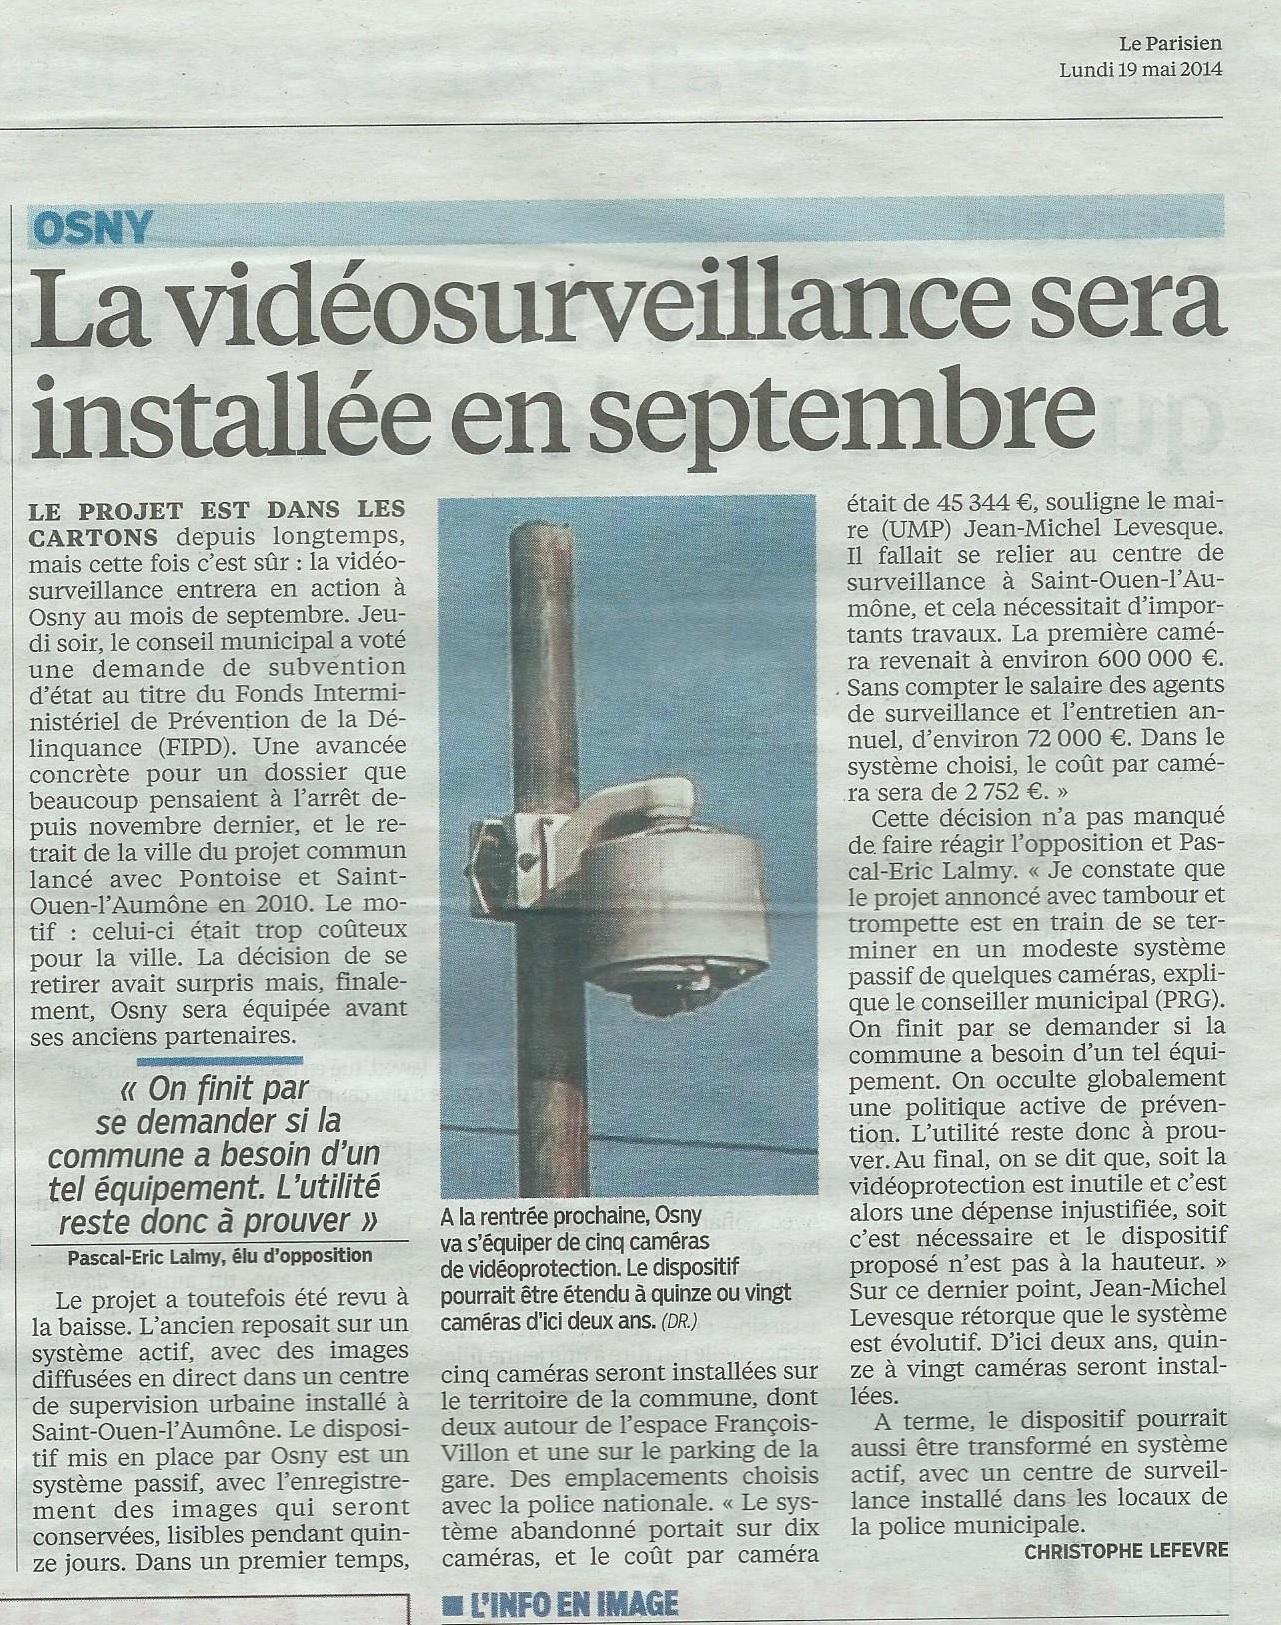 videosurveillance 19052014